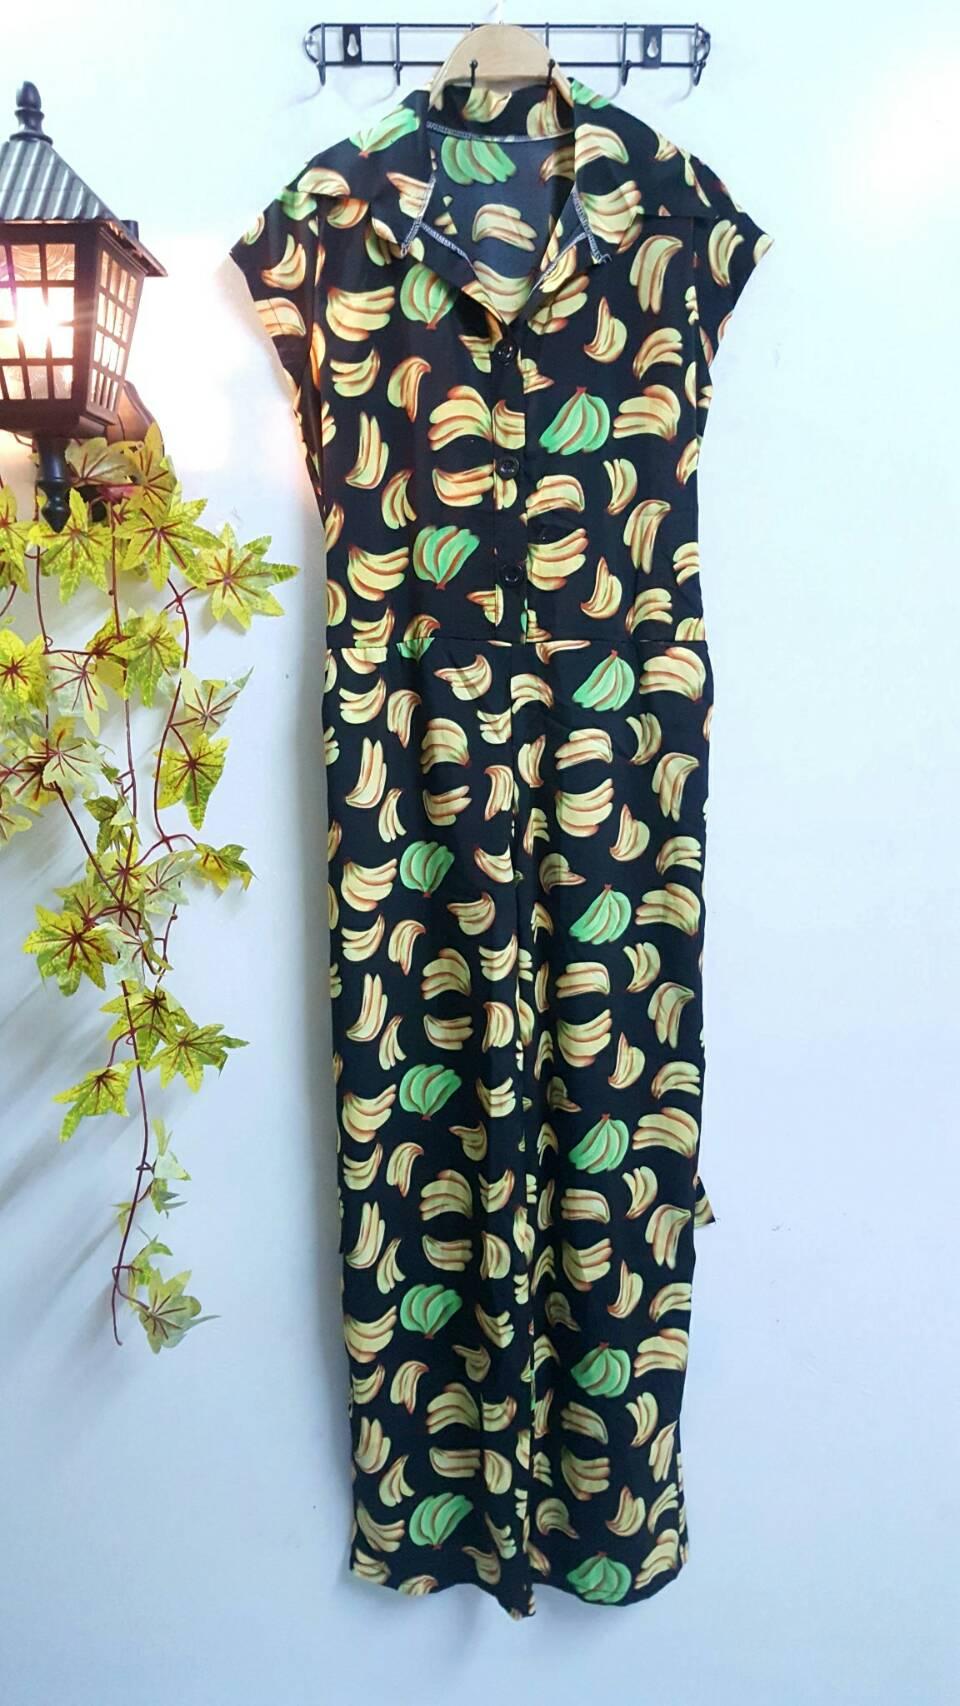 WOW Jumpsuit : ชุดจั๊มสูทกางเกงขายาวผ้าไหมอิตาลี่ พื้นสีดำลายกล้วย คอปกกระดุมหน้า มีสม็อคด้านหลังและเชือกผูกค่ะ ผ้านิ่มใส่สบาย